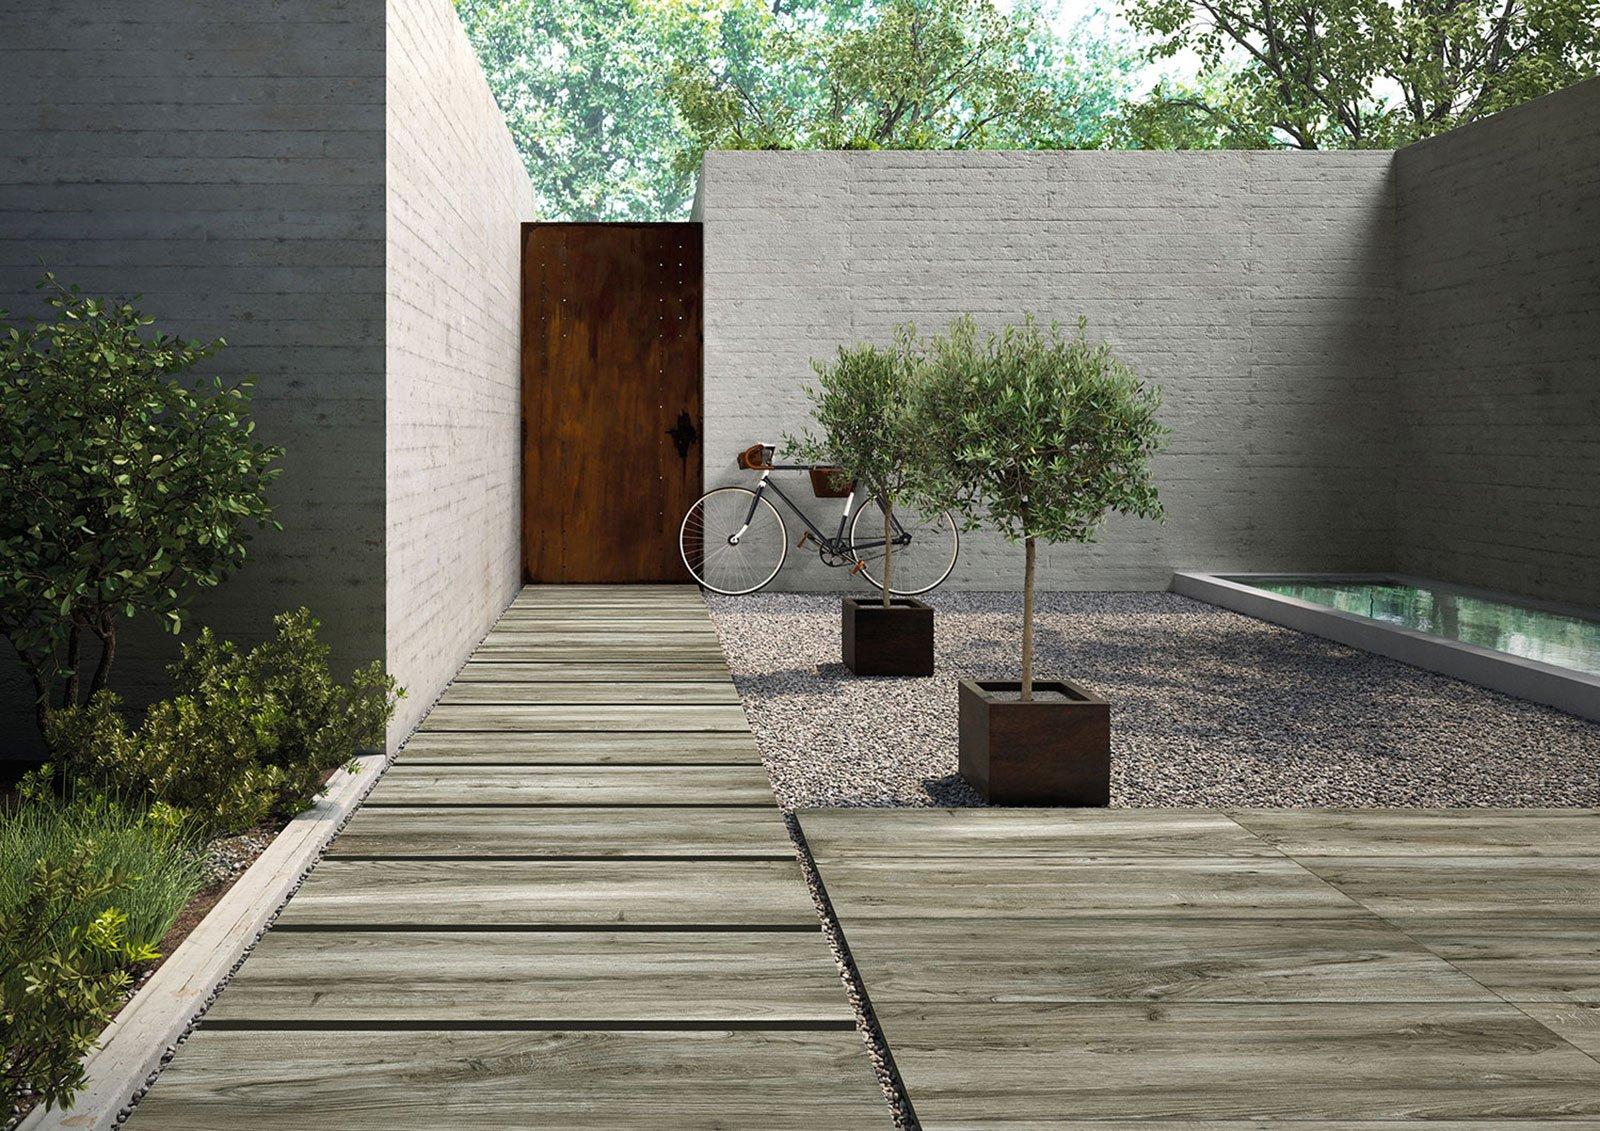 una passerella in legno in un cortile con della ghiaia, dei vasi con delle piante e una bici